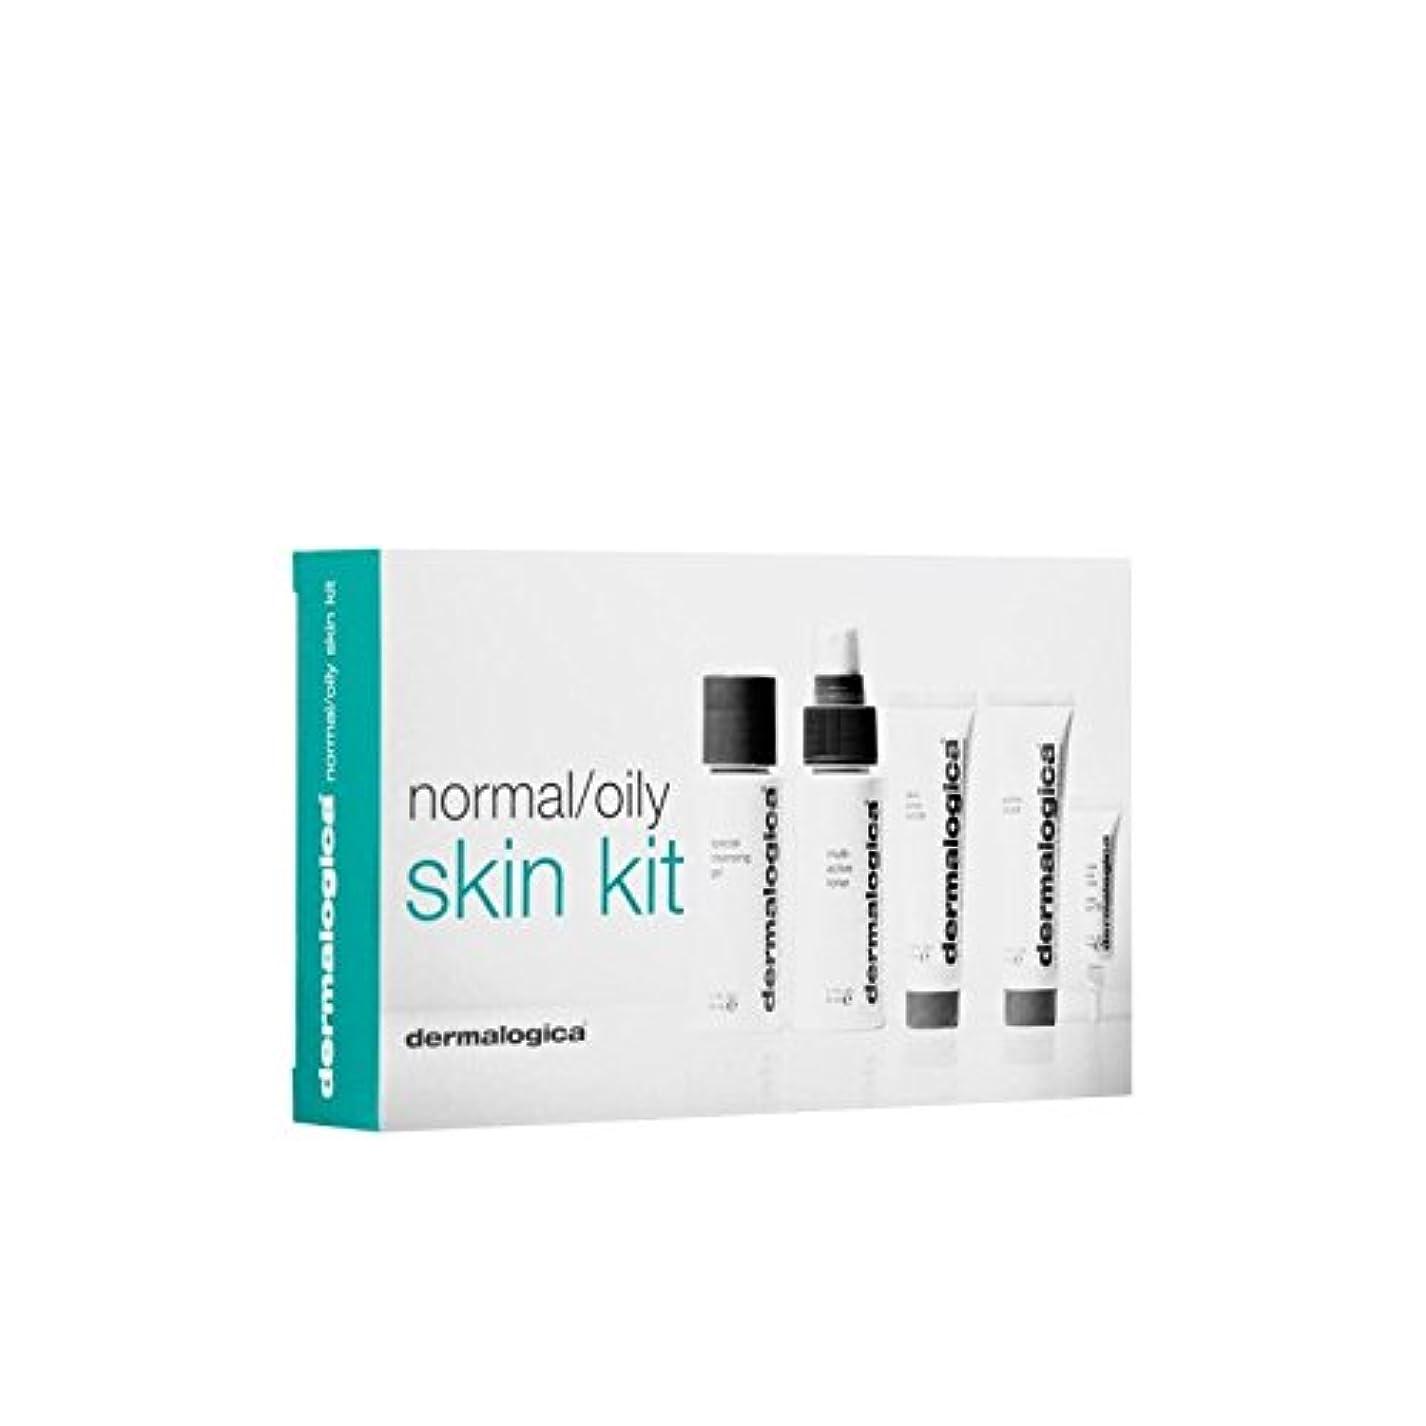 あるバーガーに対処するダーマロジカスキンキット - ノーマル/オイリー(5製品) x2 - Dermalogica Skin Kit - Normal/Oily (5 Products) (Pack of 2) [並行輸入品]